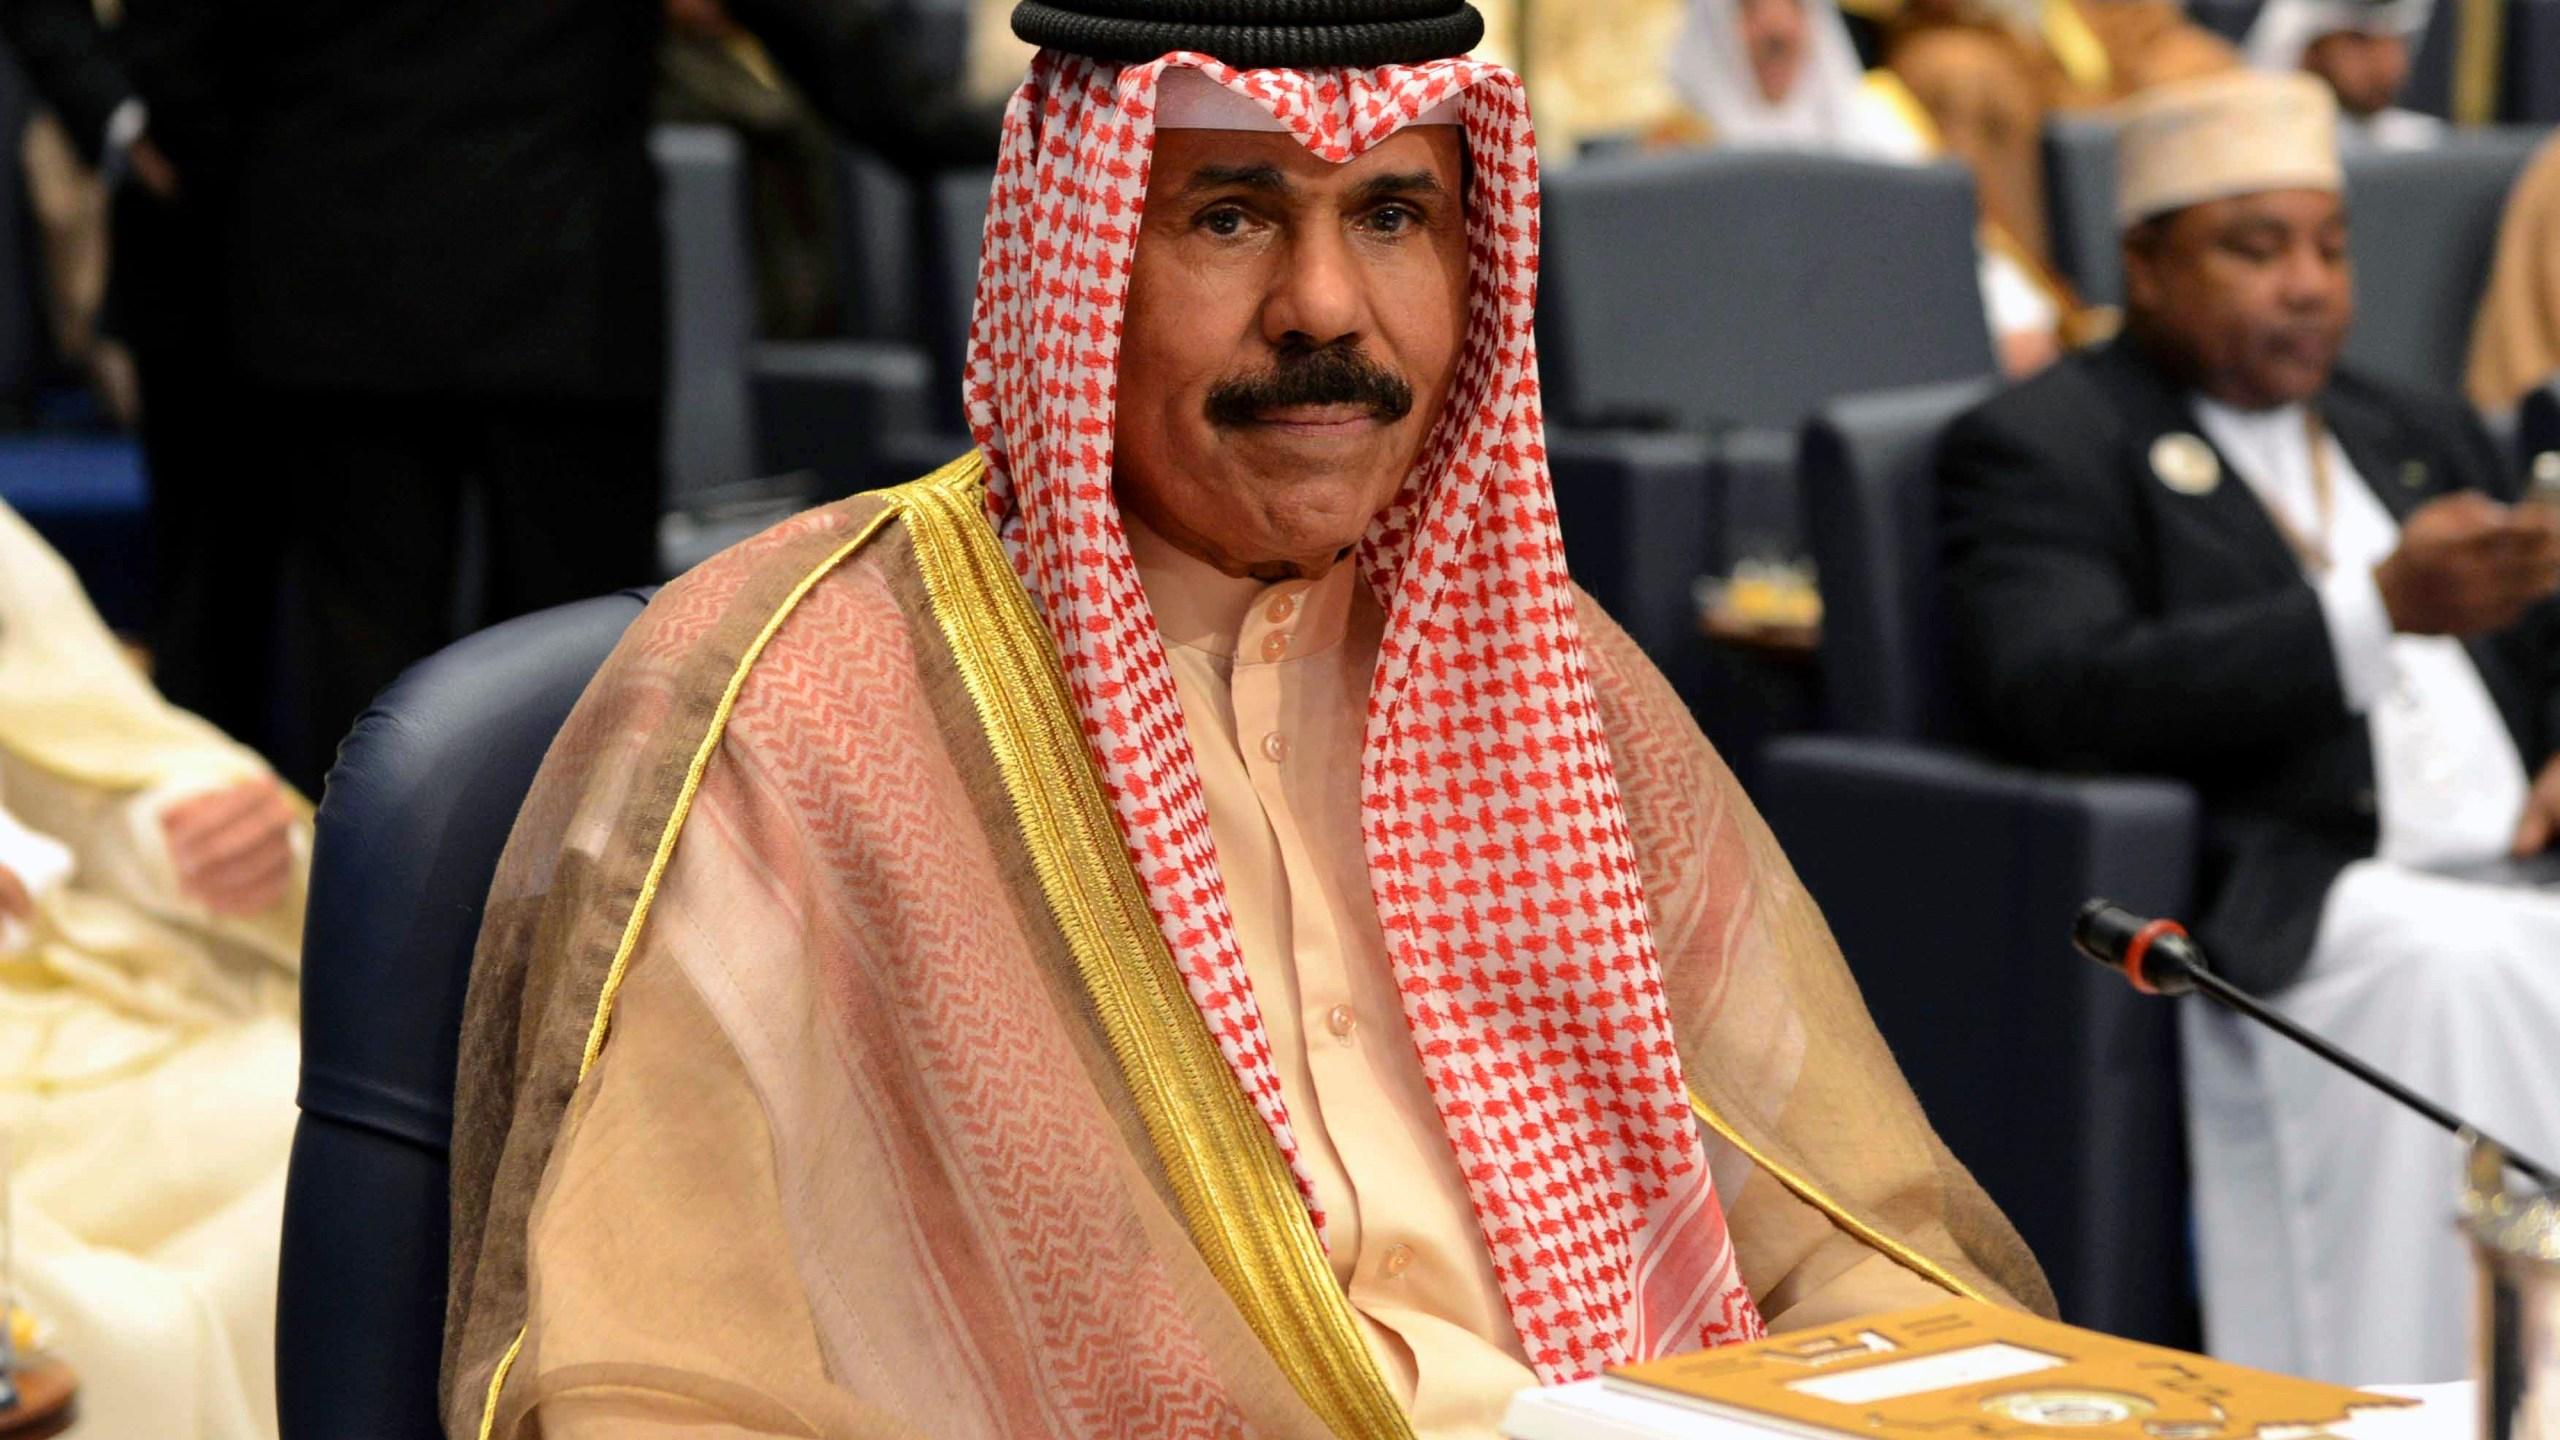 Nawaf Al-Ahmad Al-Jaber Al-Sabah